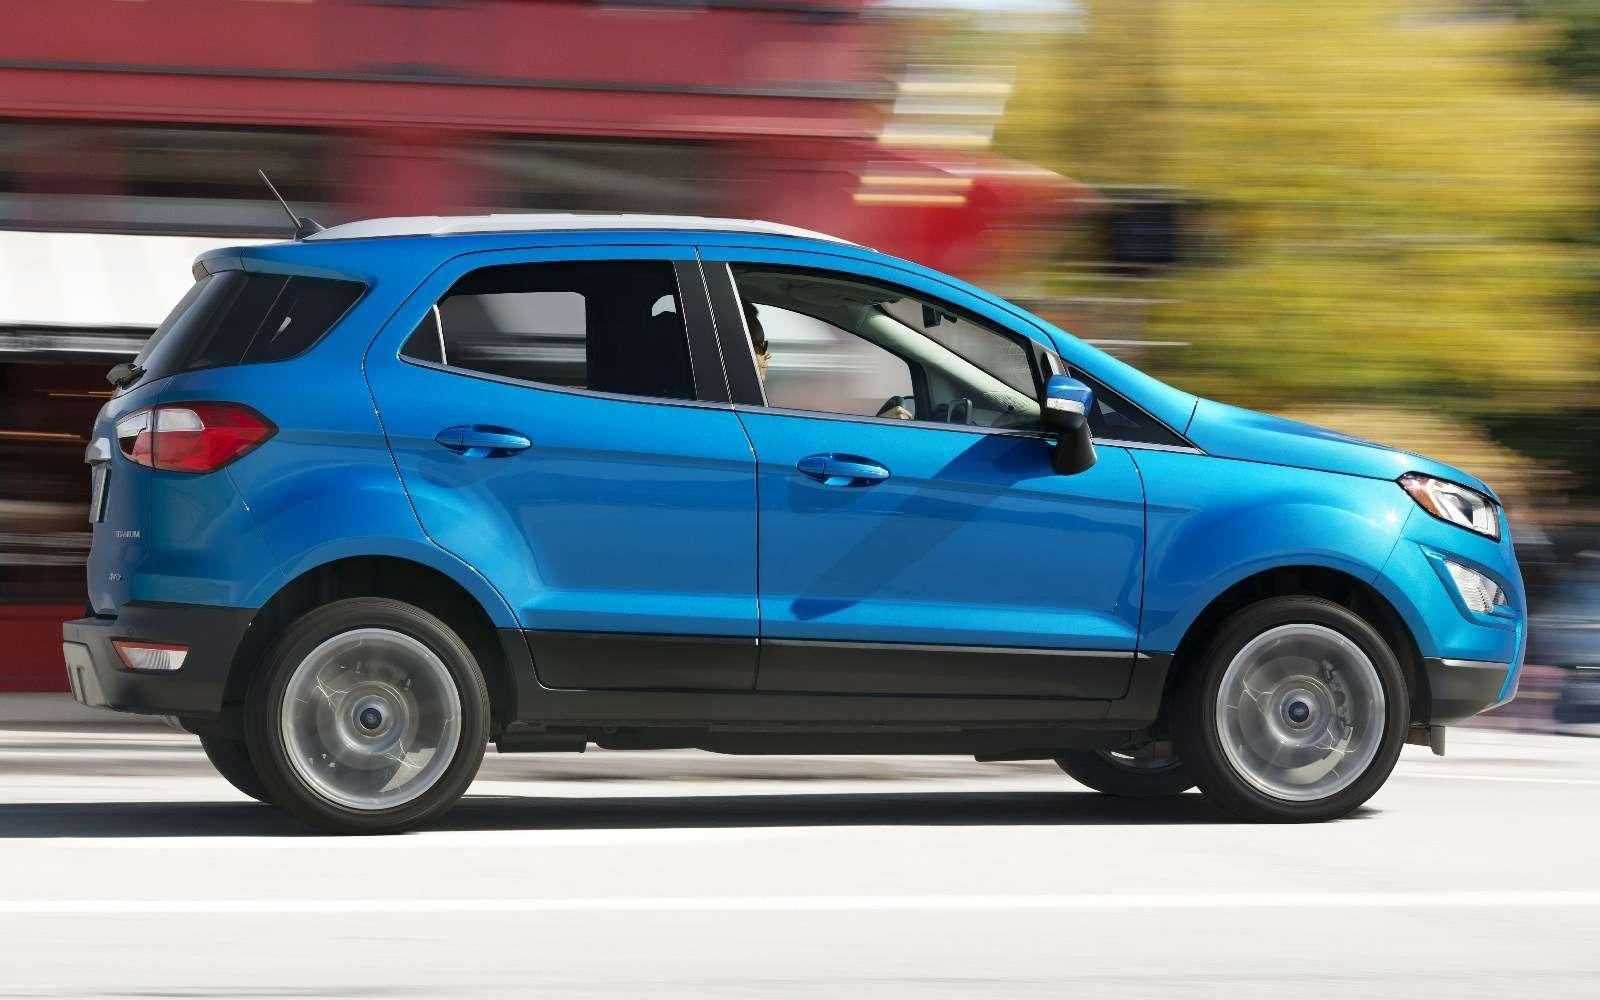 Обновленному паркетнику Ford EcoSport прикрутили планшет— фото 664115